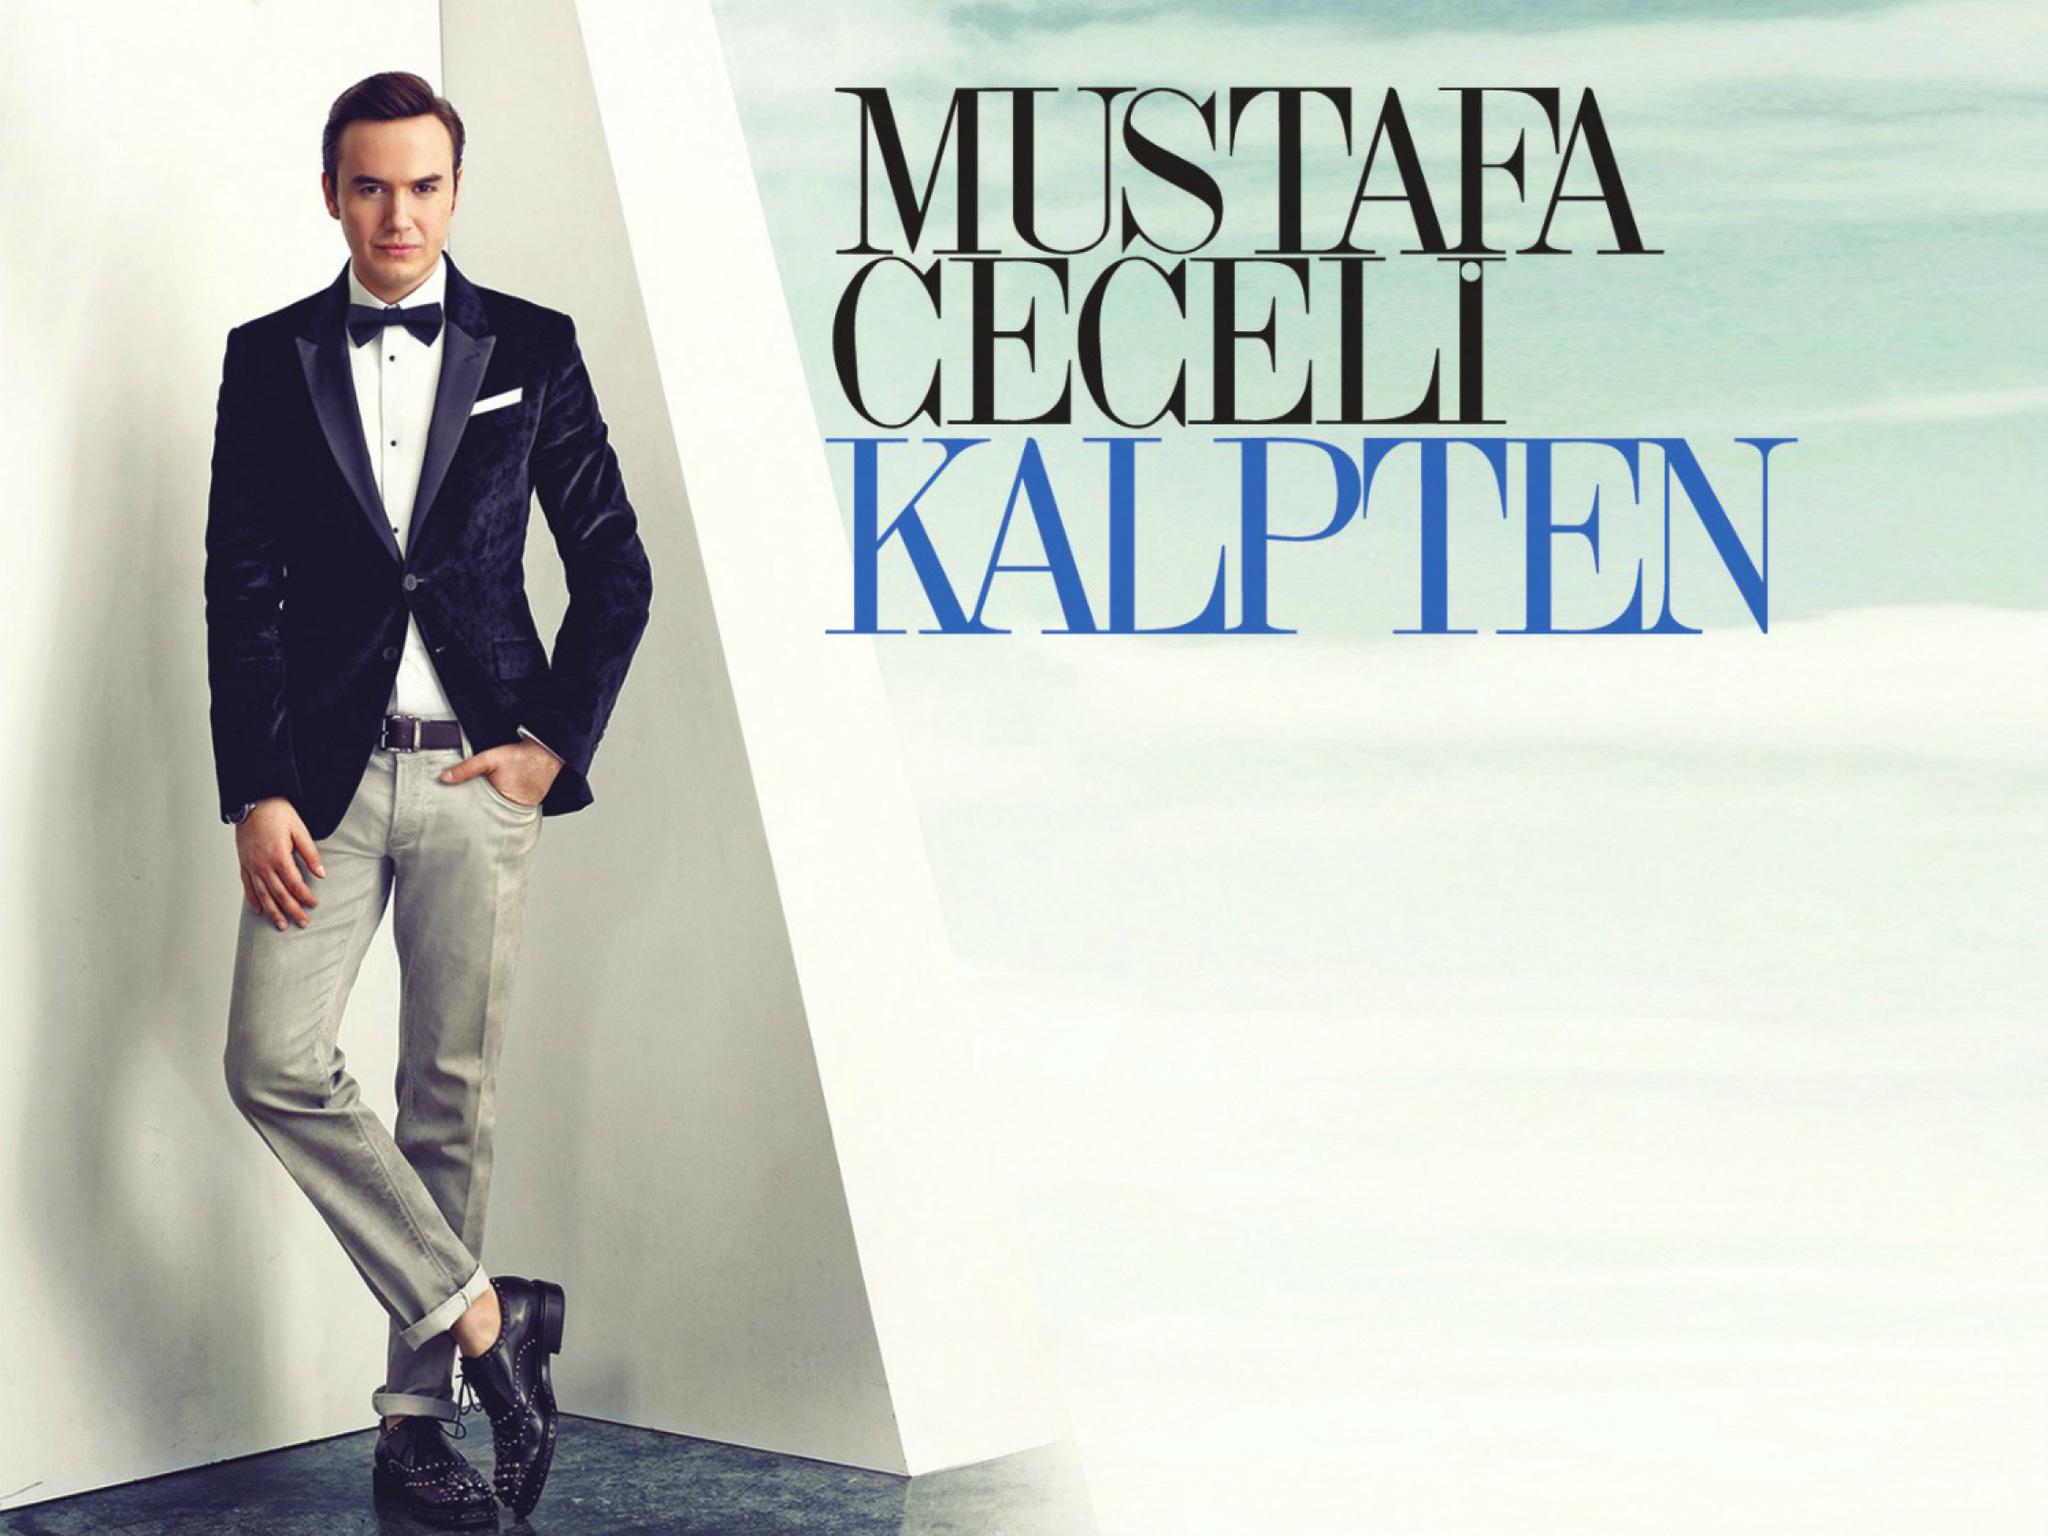 Mustafa Ceceli - Kalpten (2014) Full Alb�m [320 Kbps] + full cover